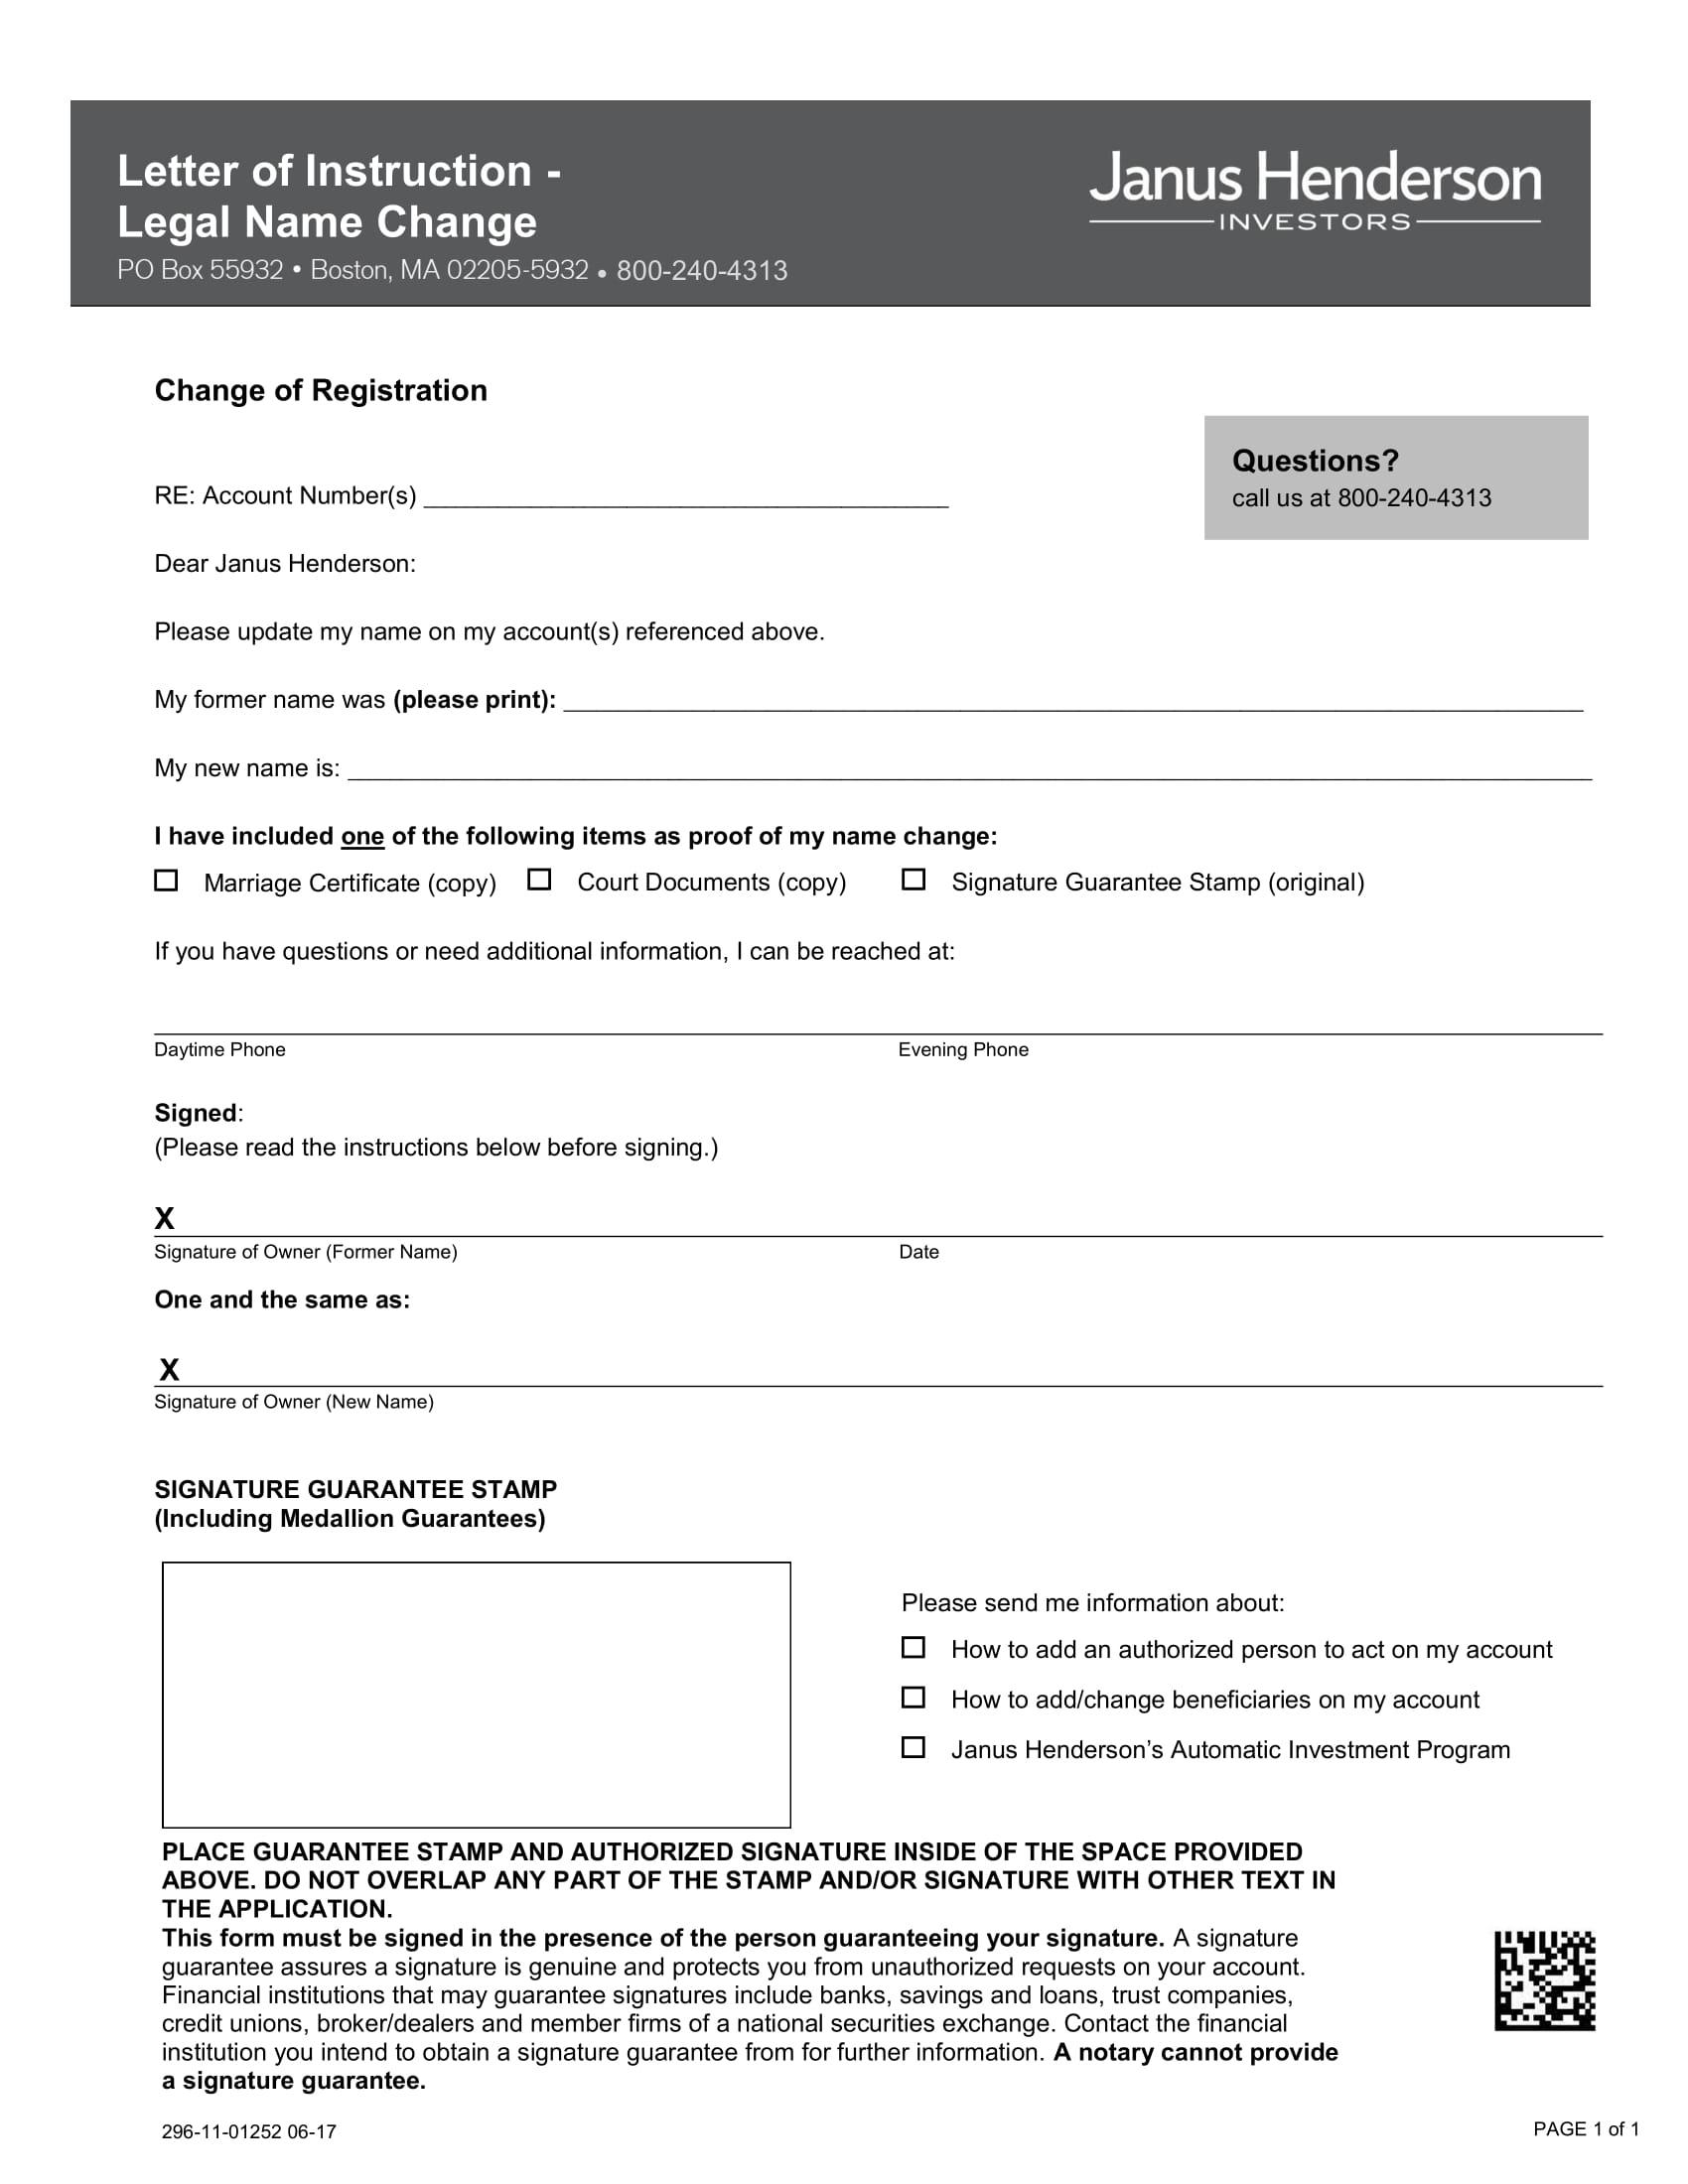 investor legal name change form 1